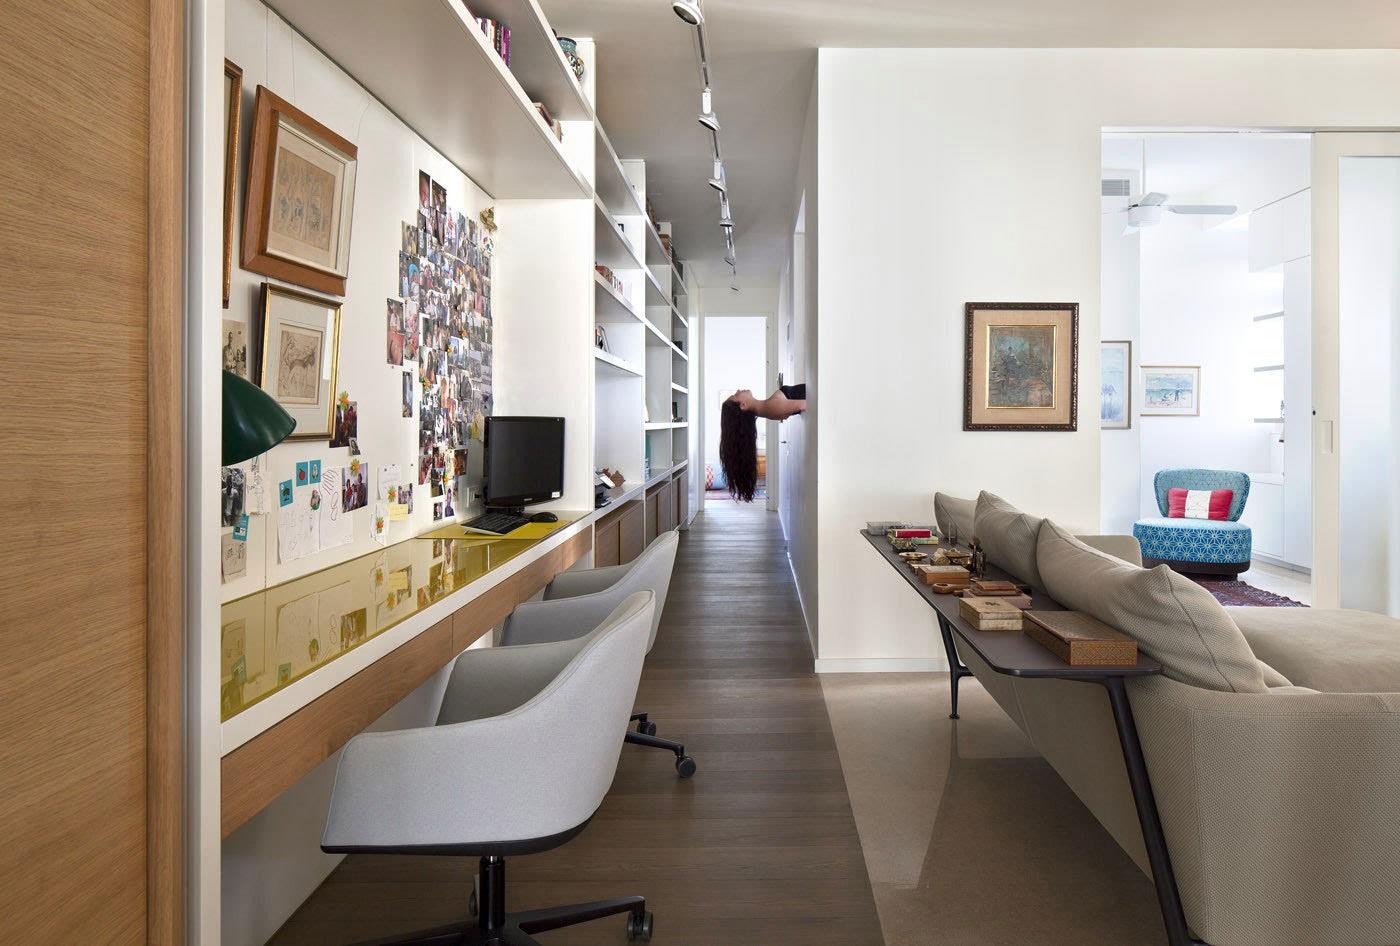 三室两厅创意装修图片_居家生活就该如此收藏介绍:居家生活是怎样的?